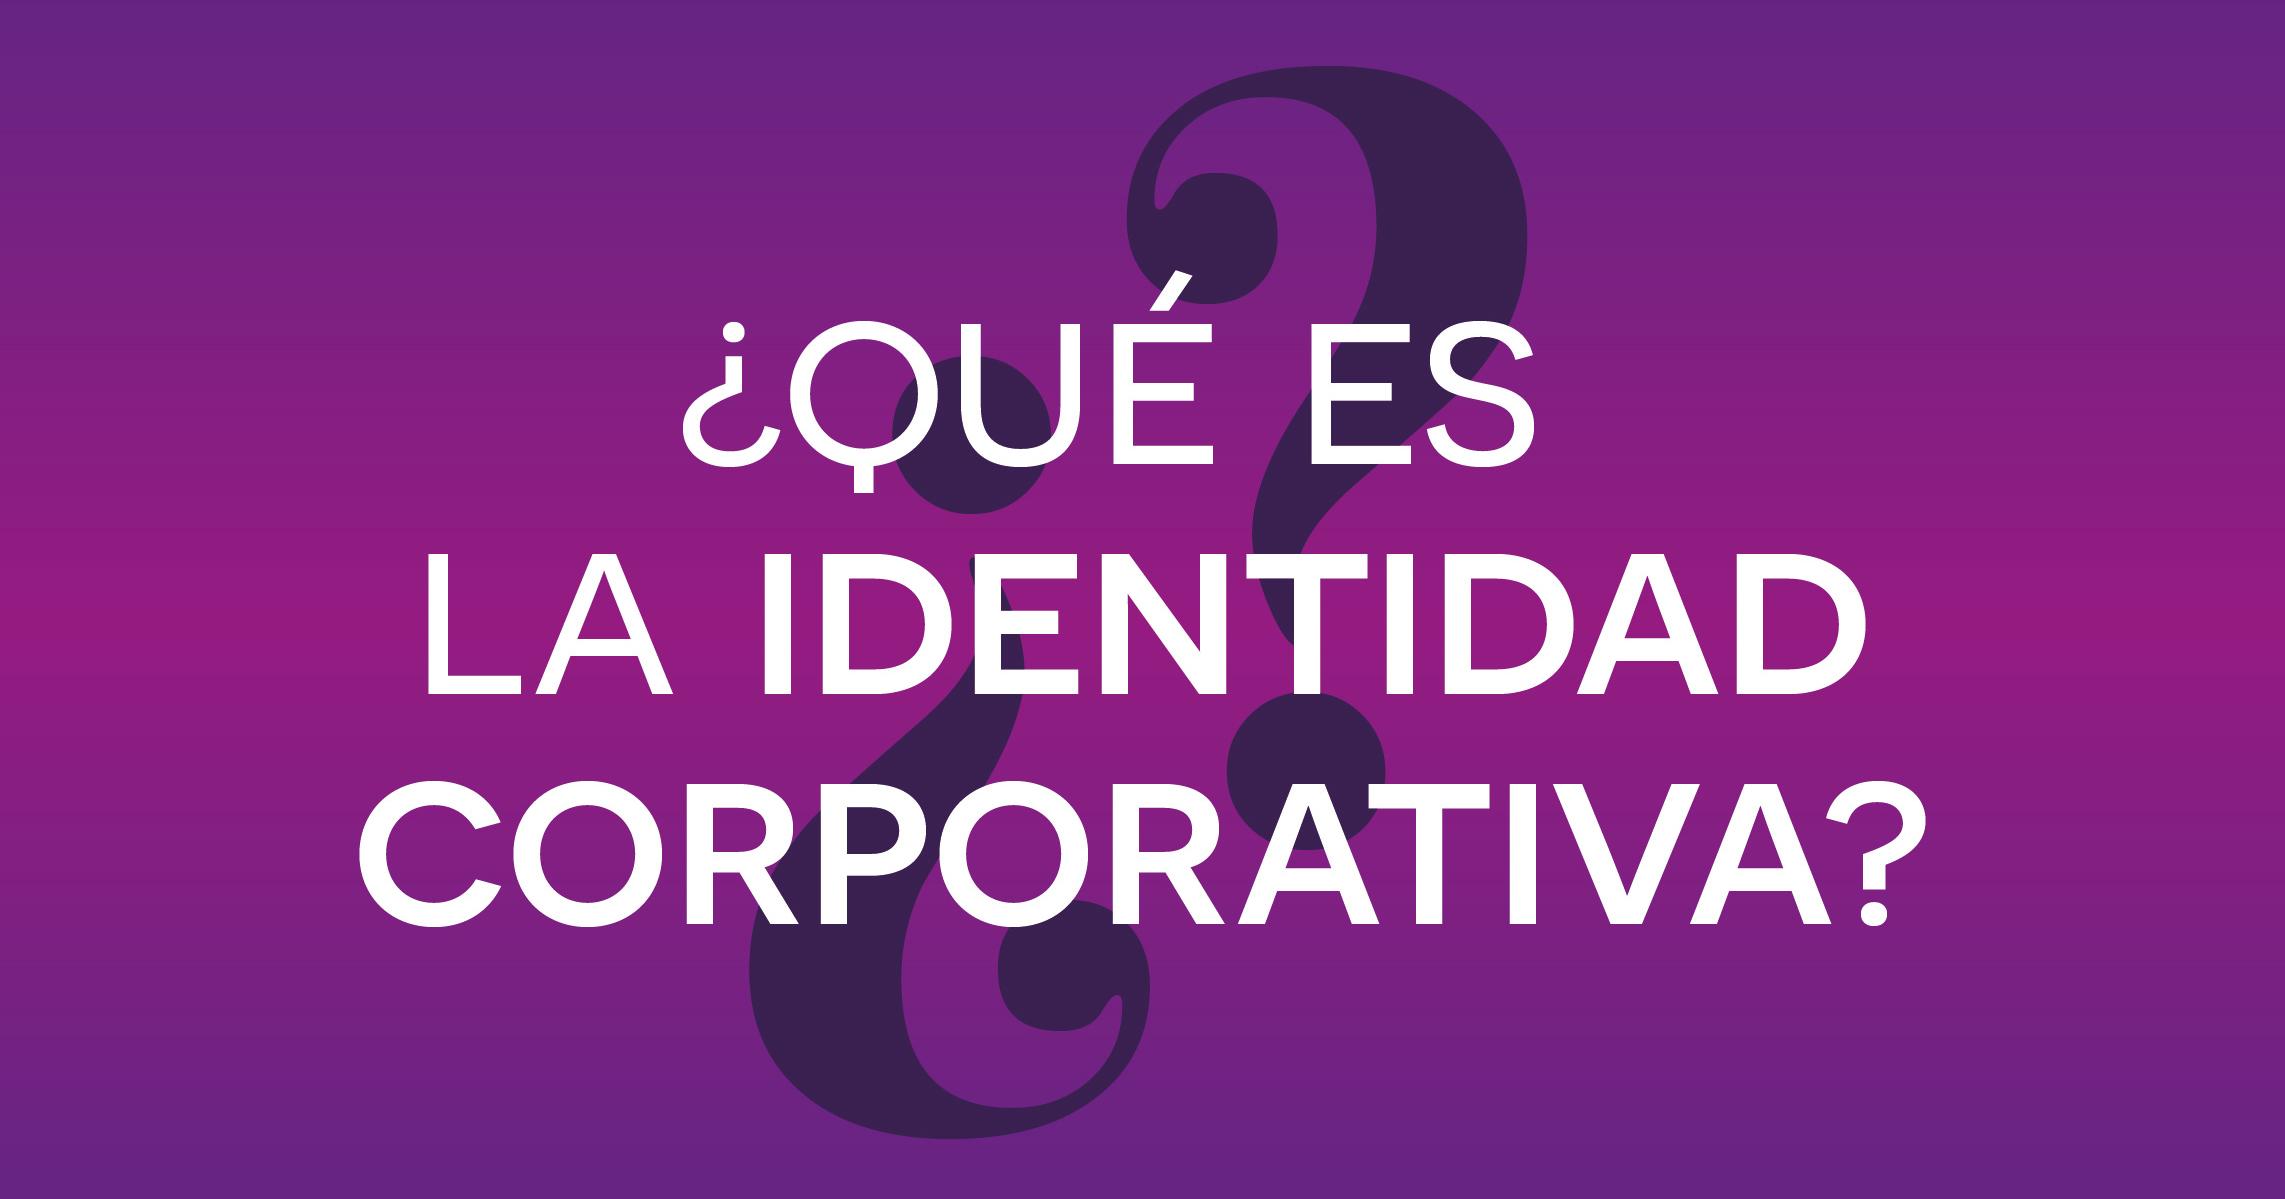 Que-es-la-identidad-corporativa-1